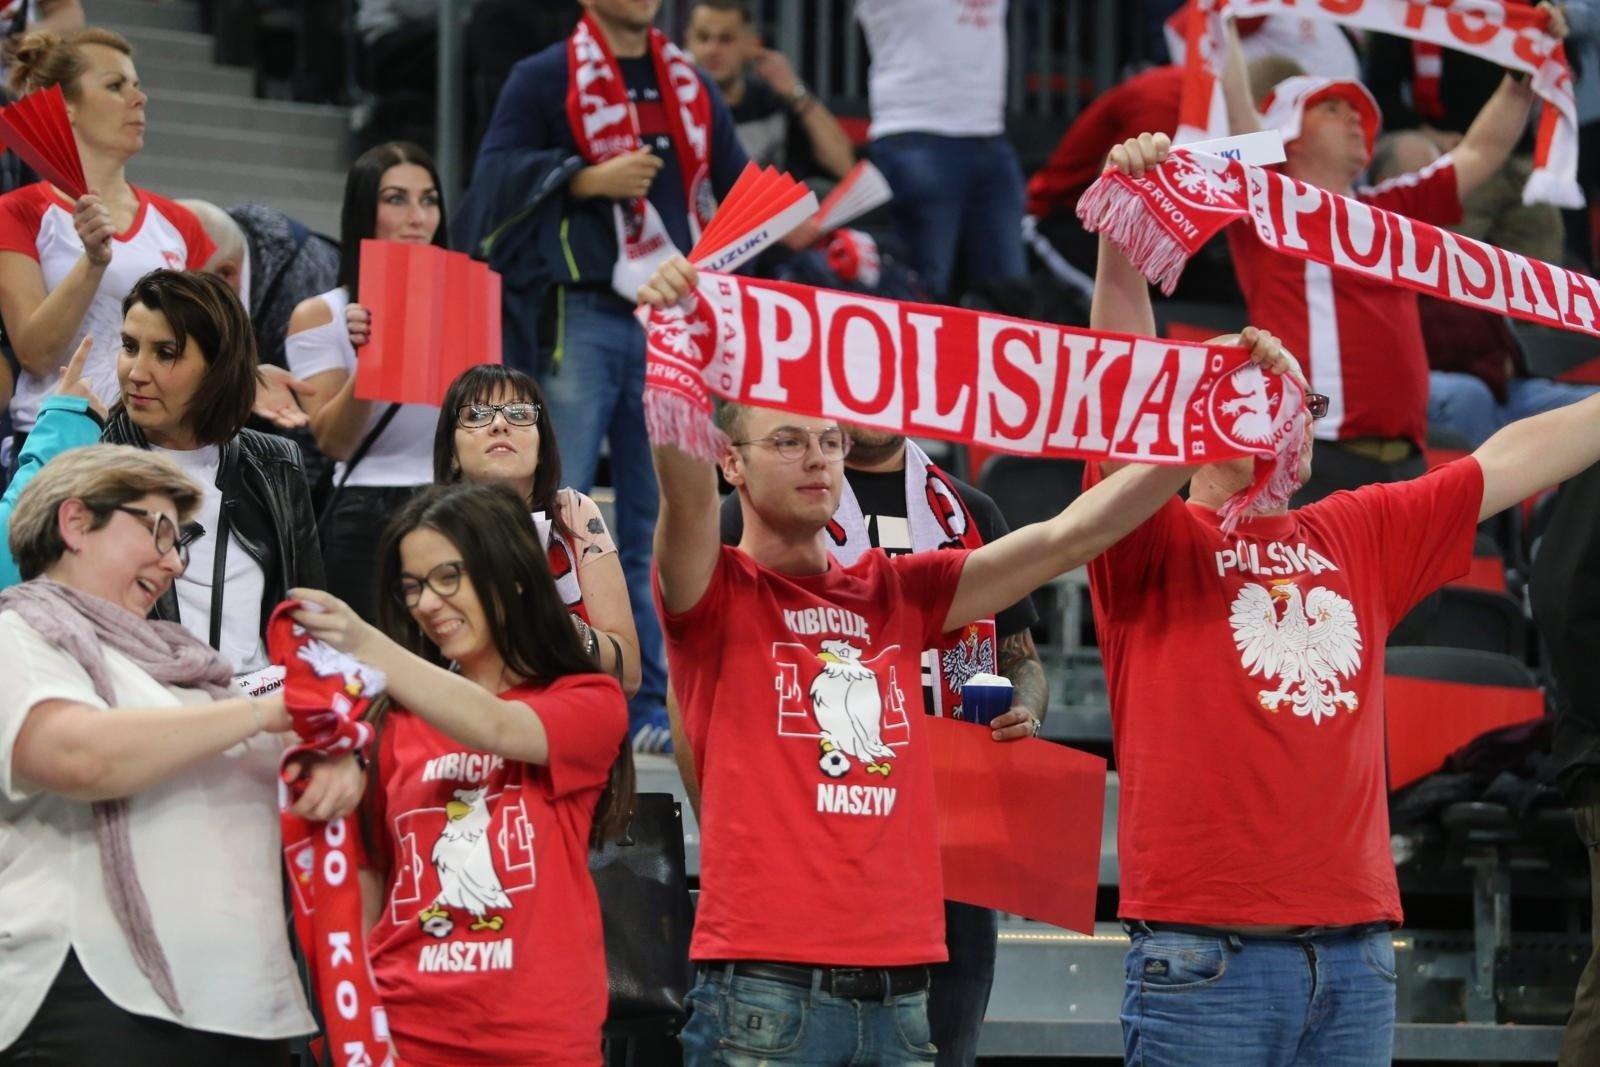 cca08f606 Polska - Niemcy w Arenie Gliwice: mecz eliminacji Euro 2020 piłkarzy  ręcznych obserwowalo blisko 10